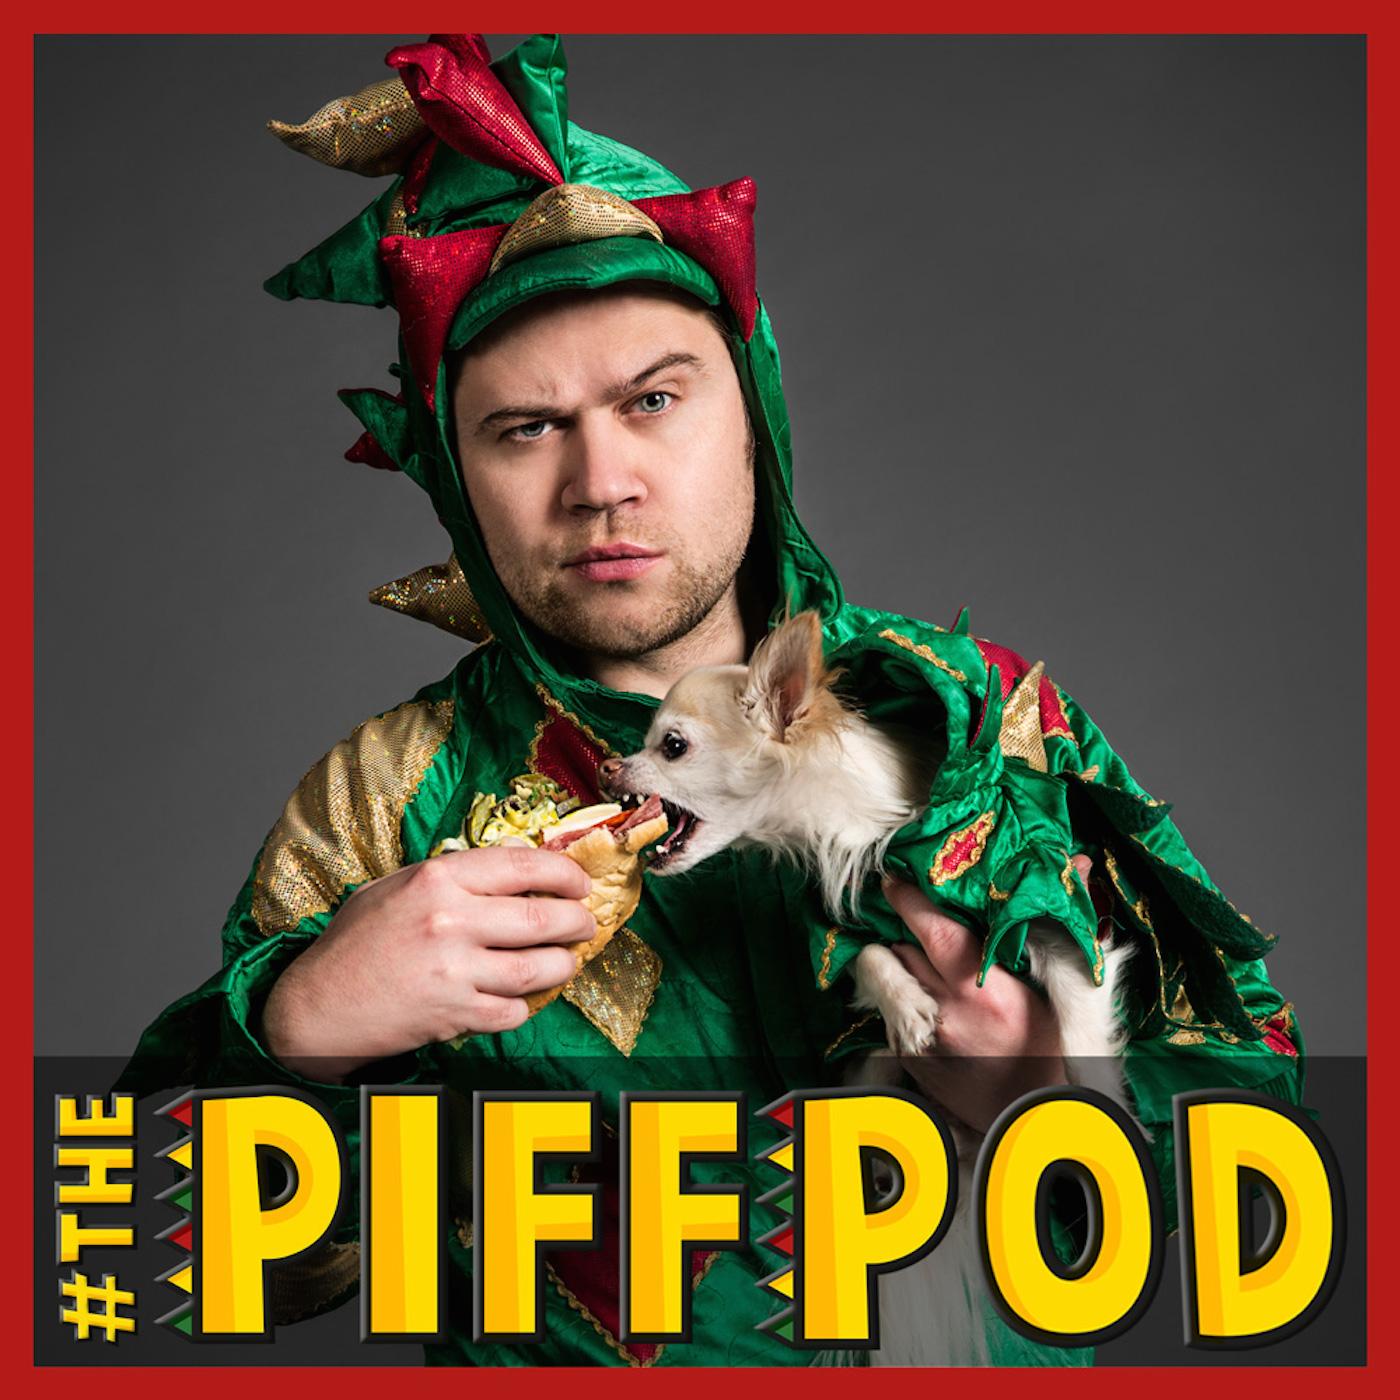 The Piff Pod show art